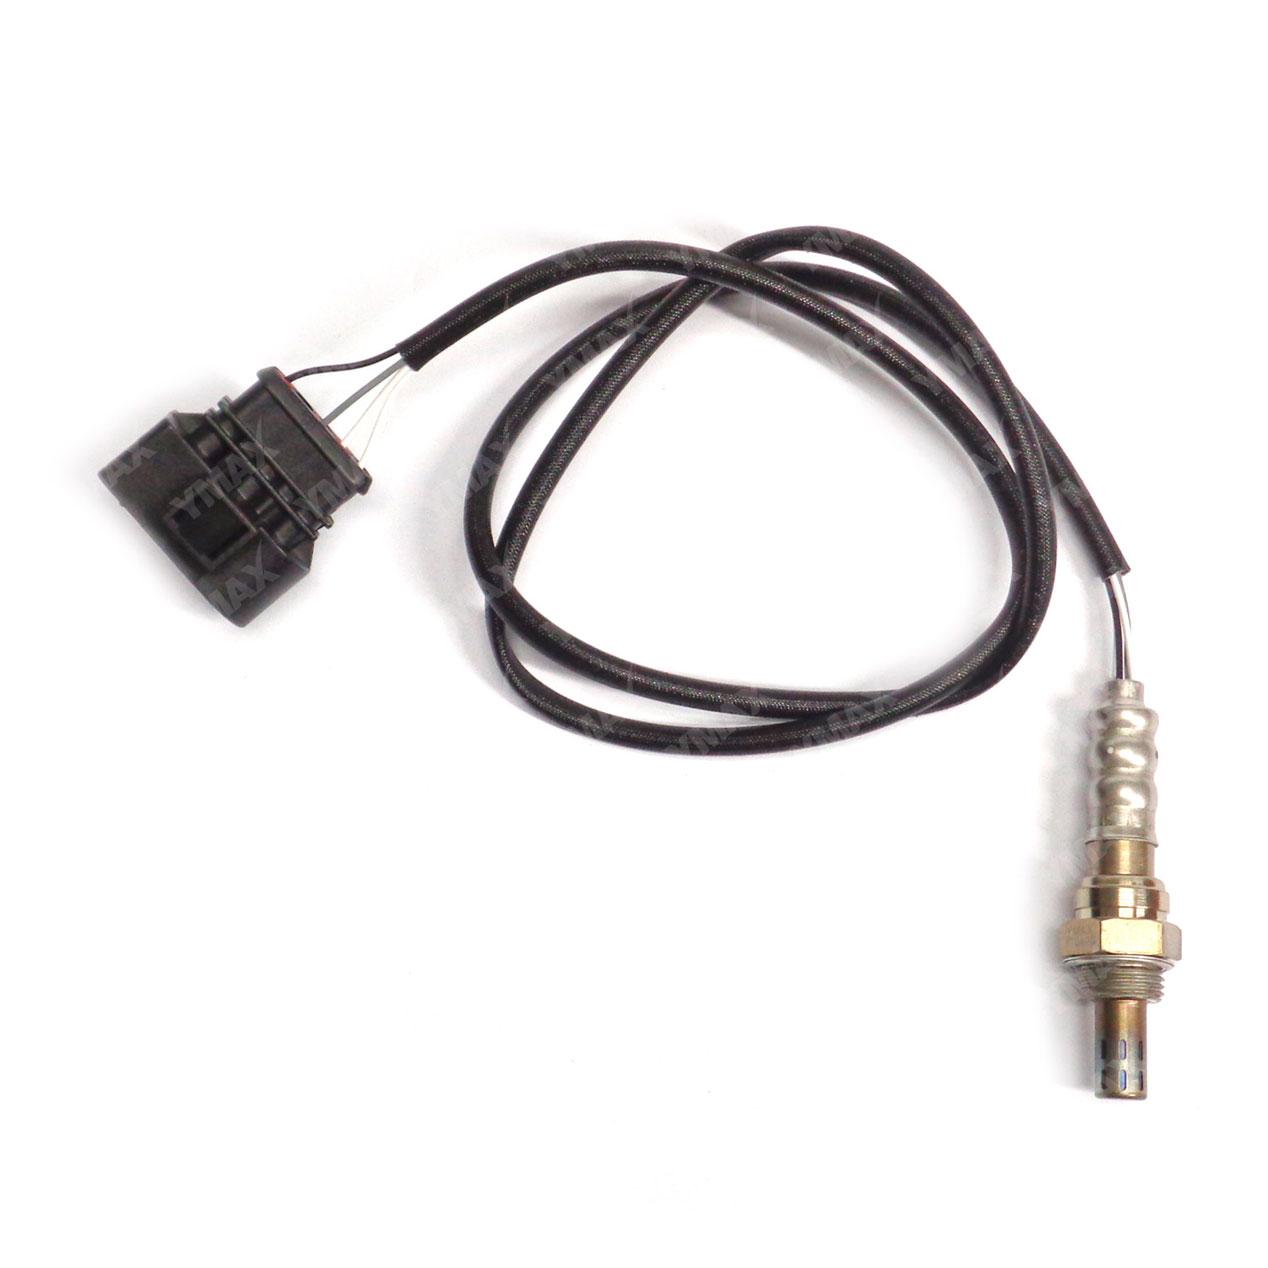 Sonda Lambda GOL 9605 - 4 Fios (DPL608405) - DPL - PEÇA -